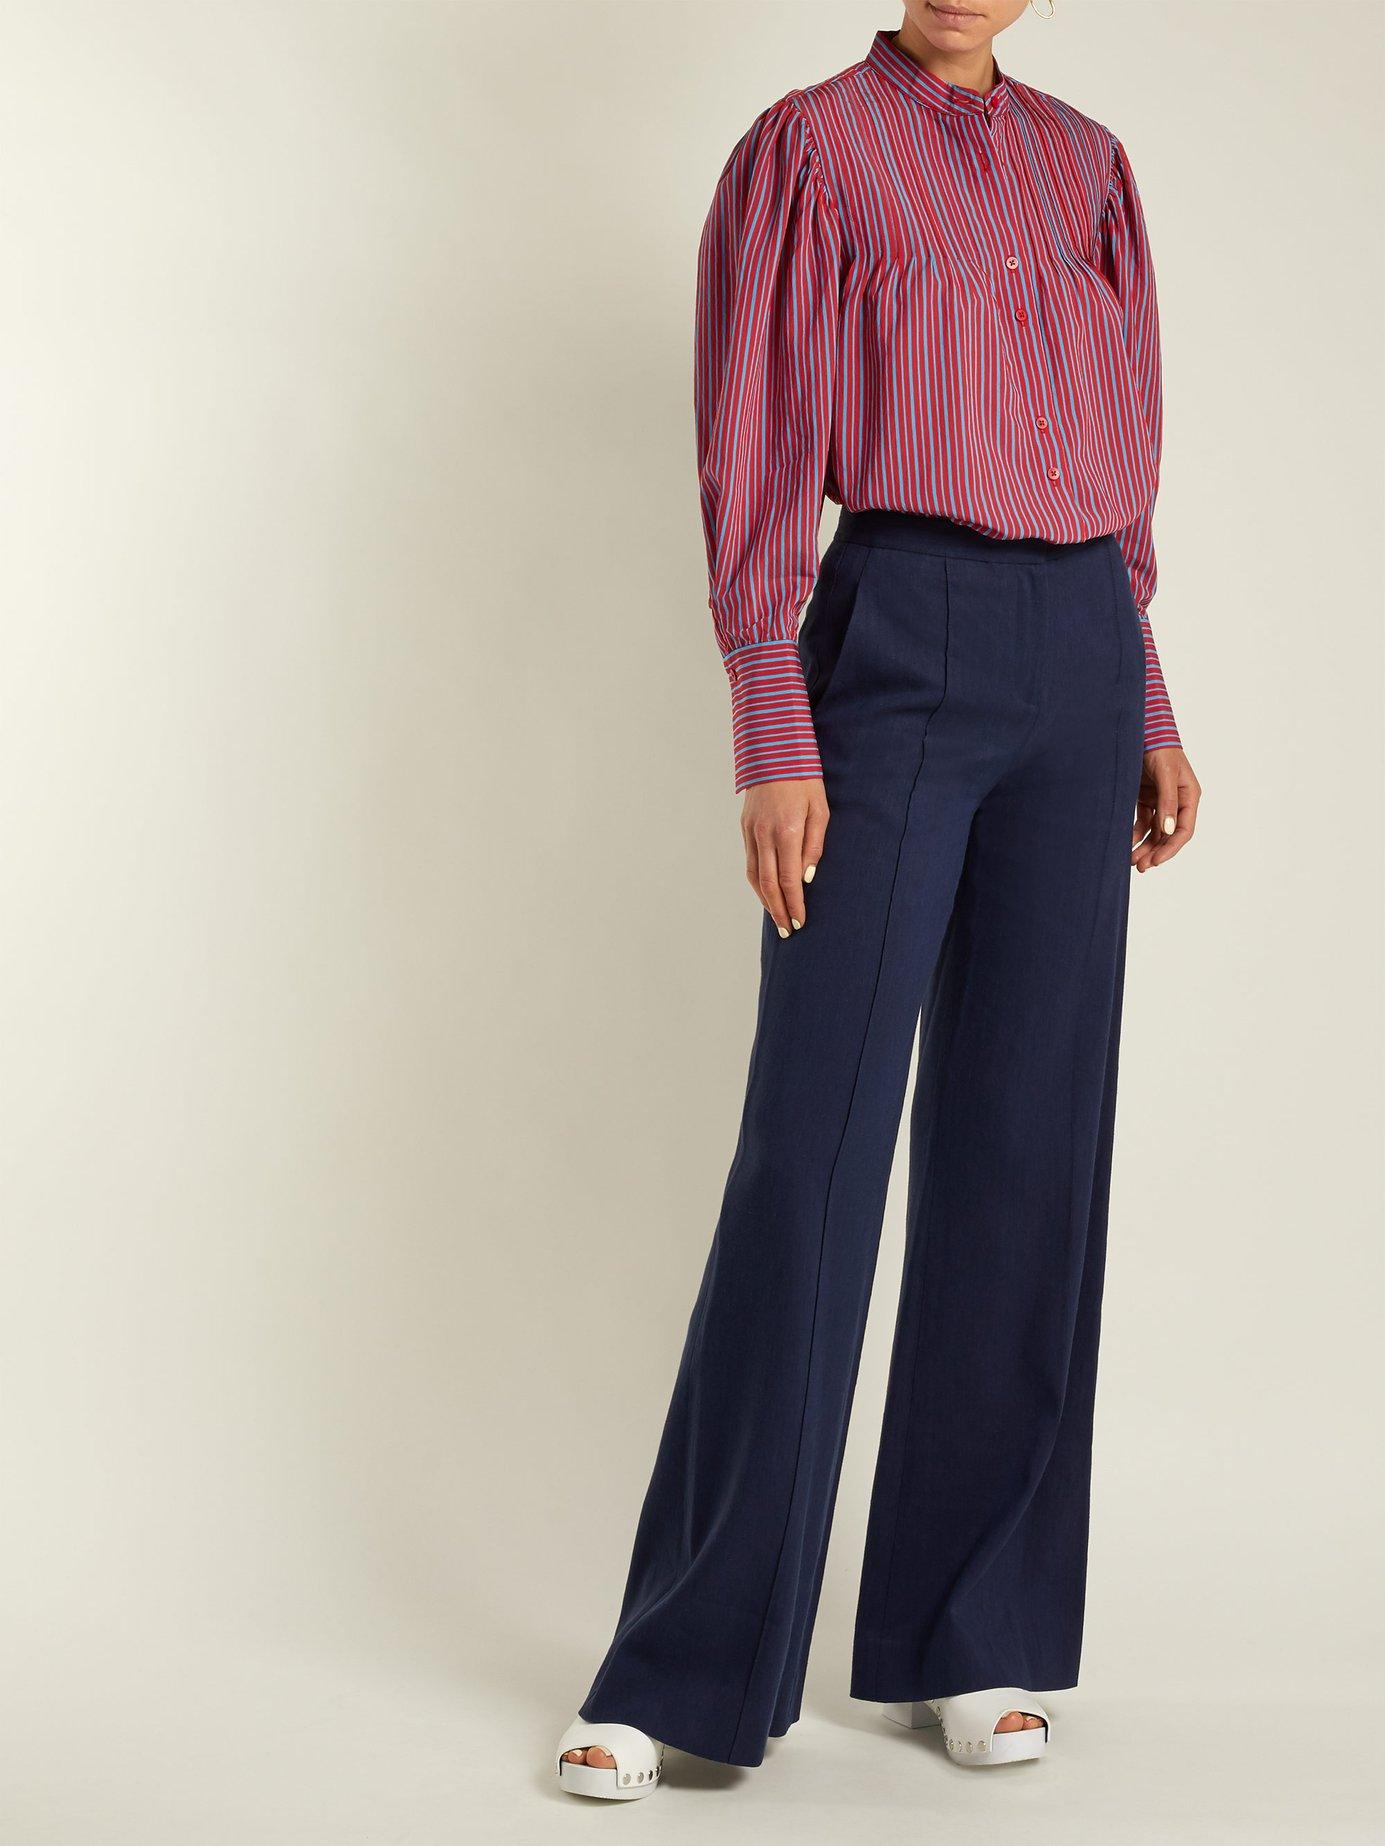 Pleated Mandarin-collar shirt by Diane Von Furstenberg